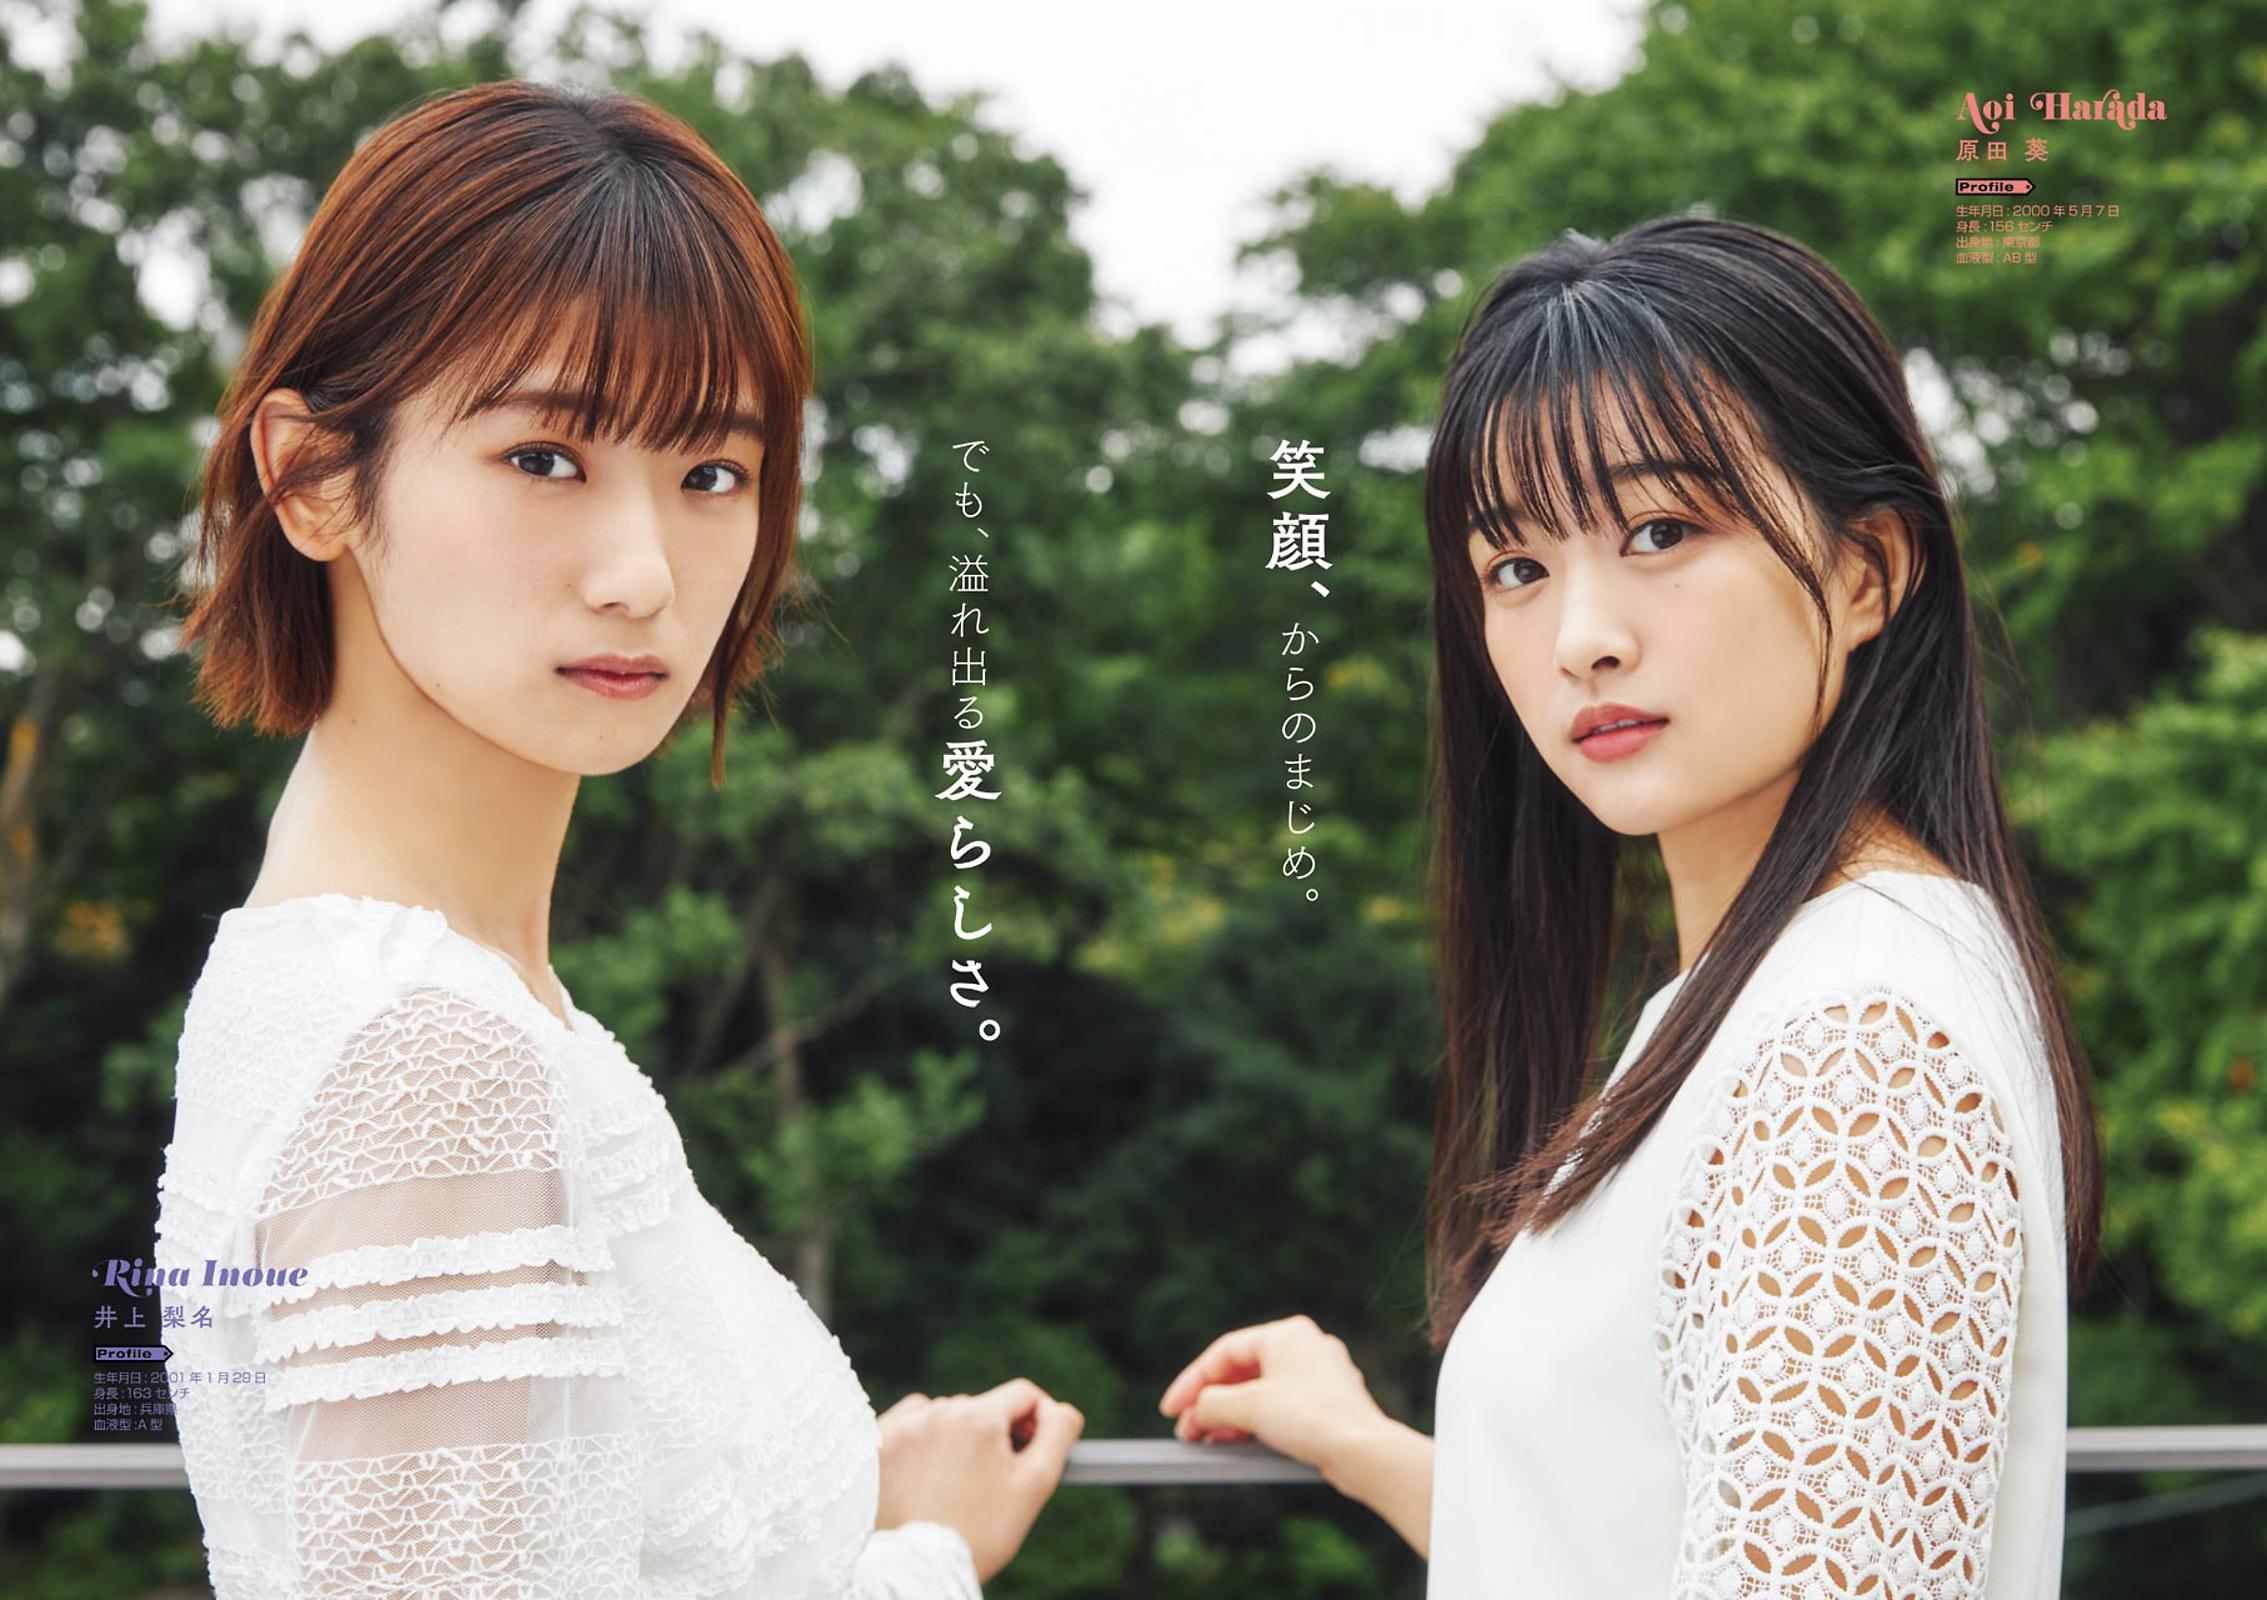 樱坂46 Young Gngan 08